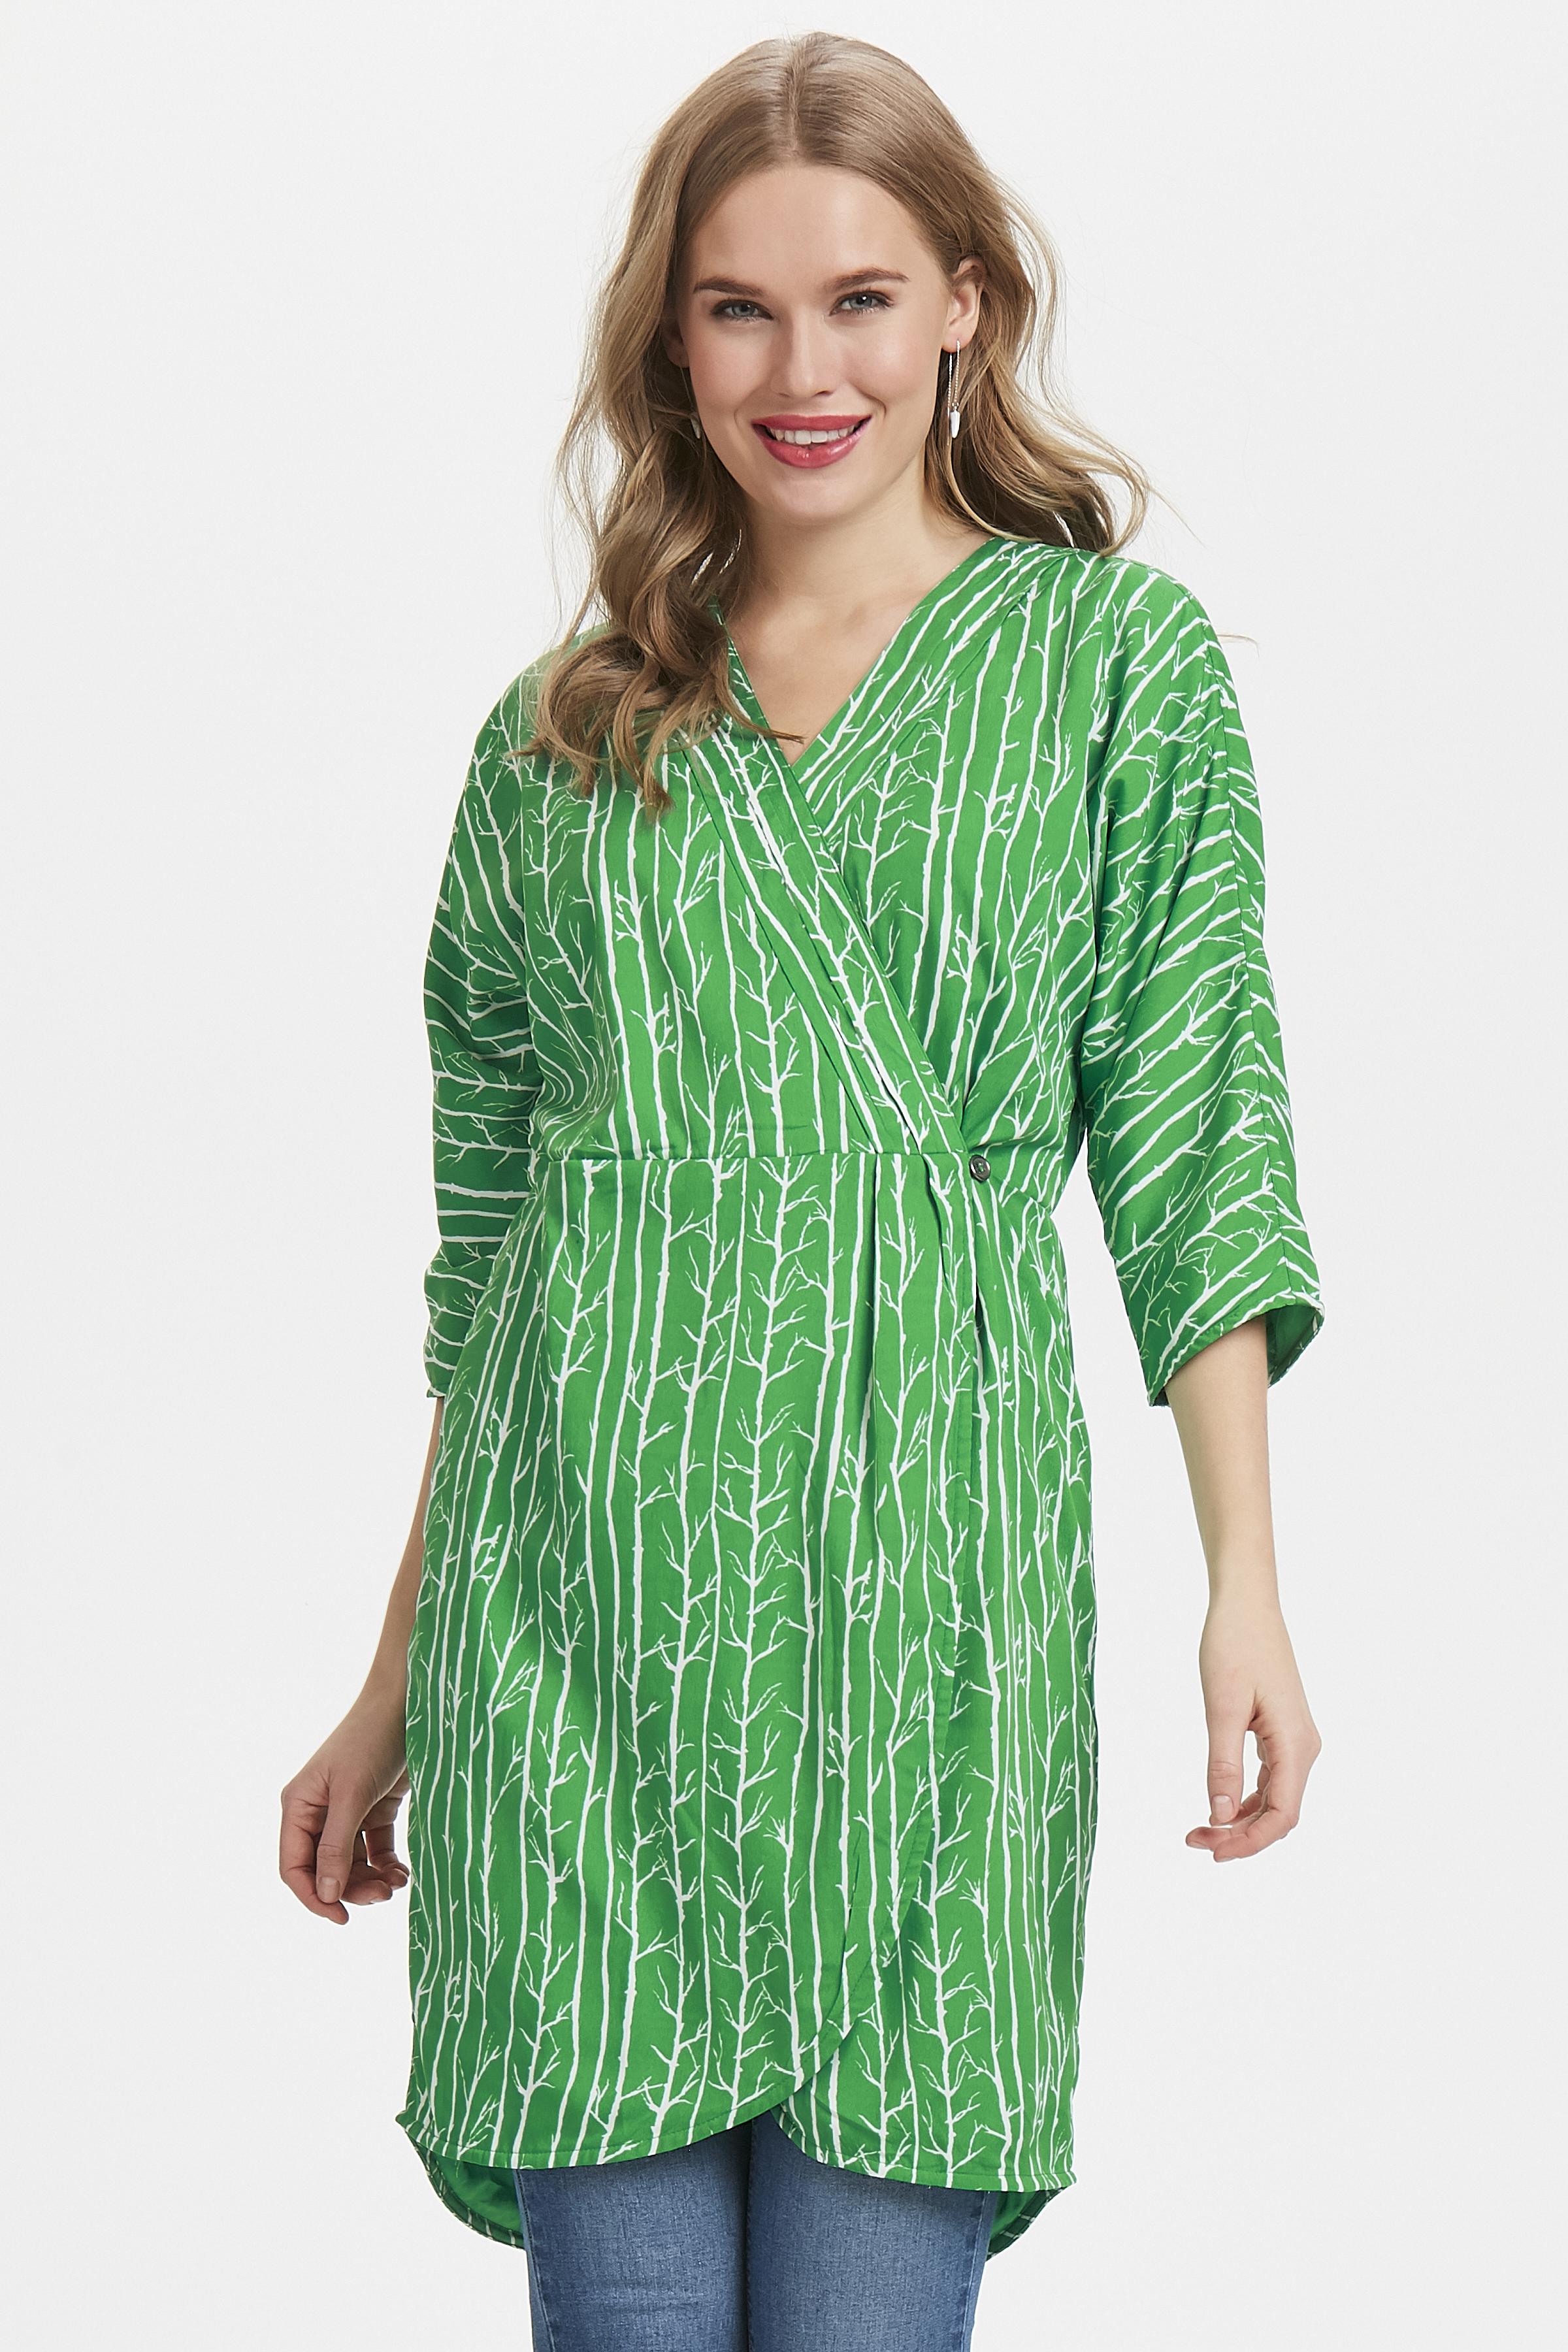 Grün/wollweiß